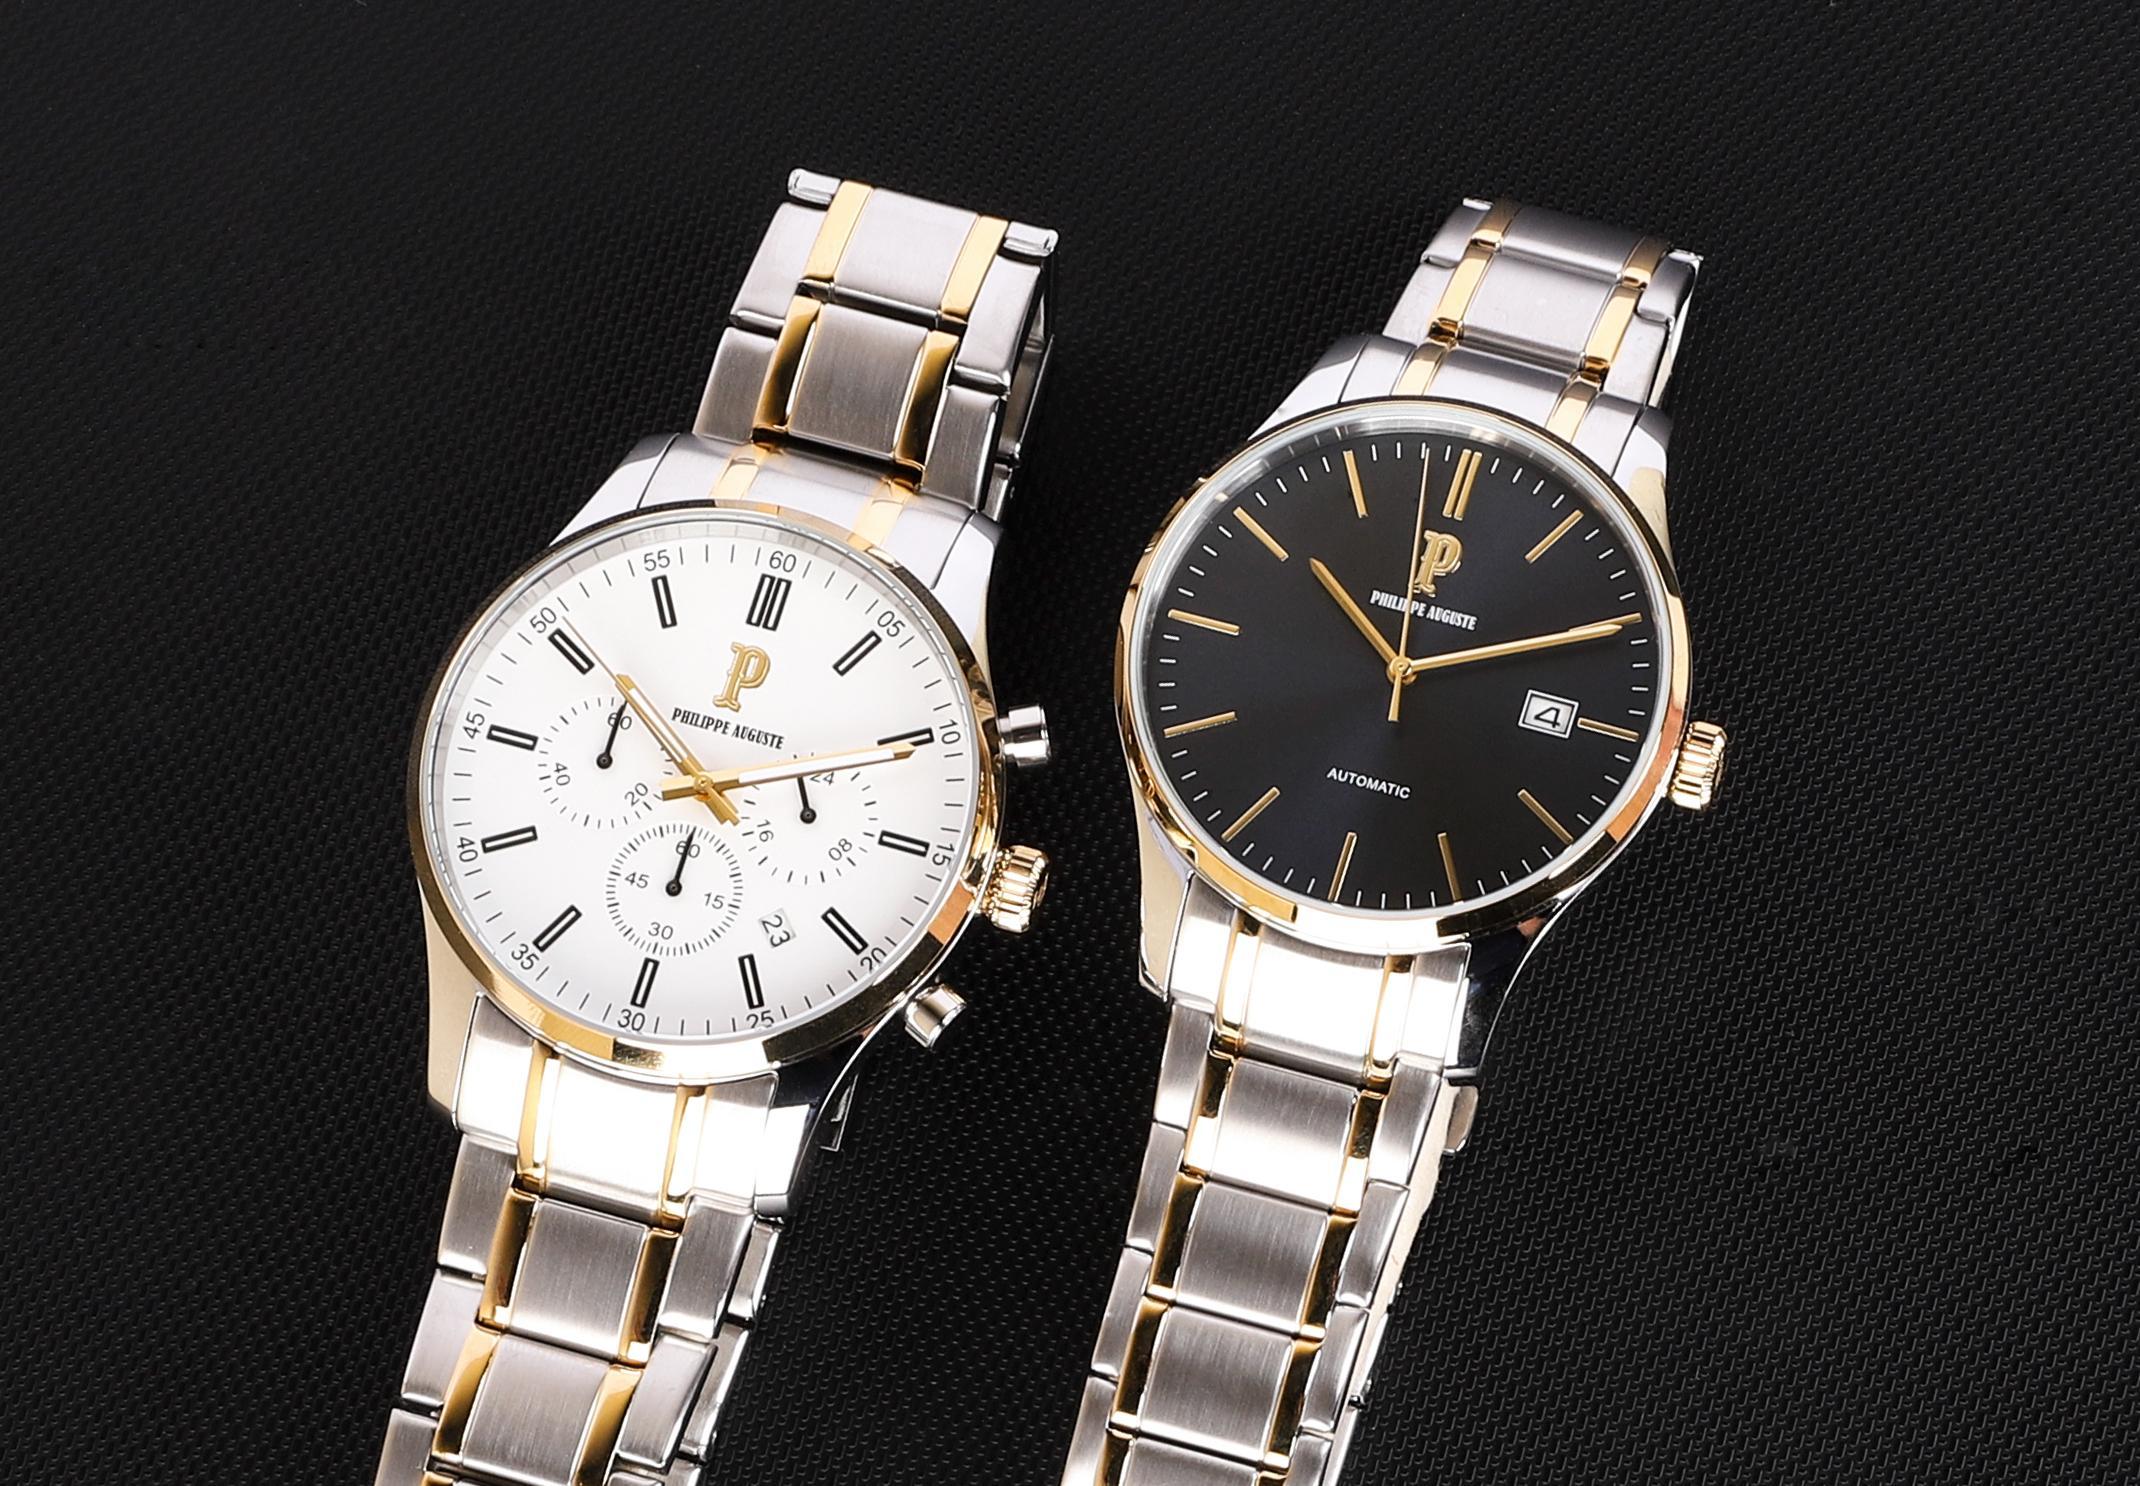 Mua đồng hồ Citizen chính hãng giảm giá tới 40% tại Đăng Quang Watch - Ảnh 3.